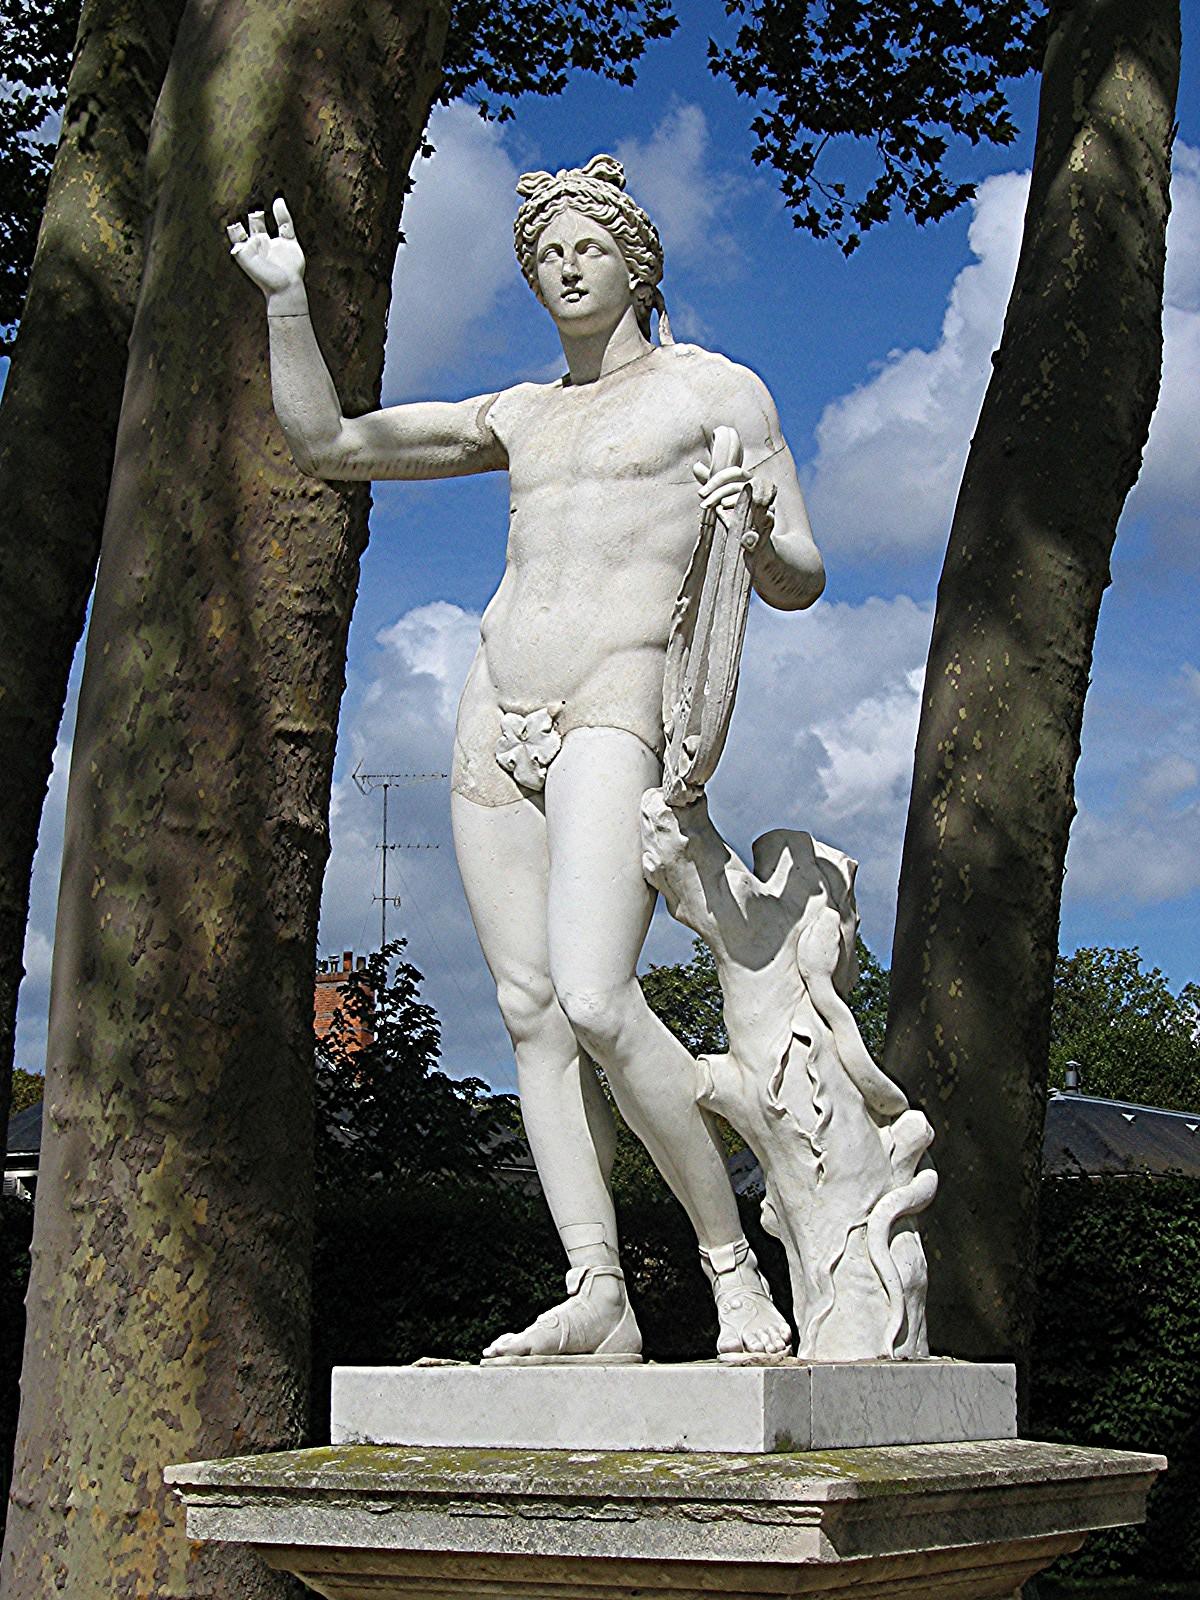 Musique et mythes de la gr ce antique eclaircie apr s la - Statue de jardin belgique ...